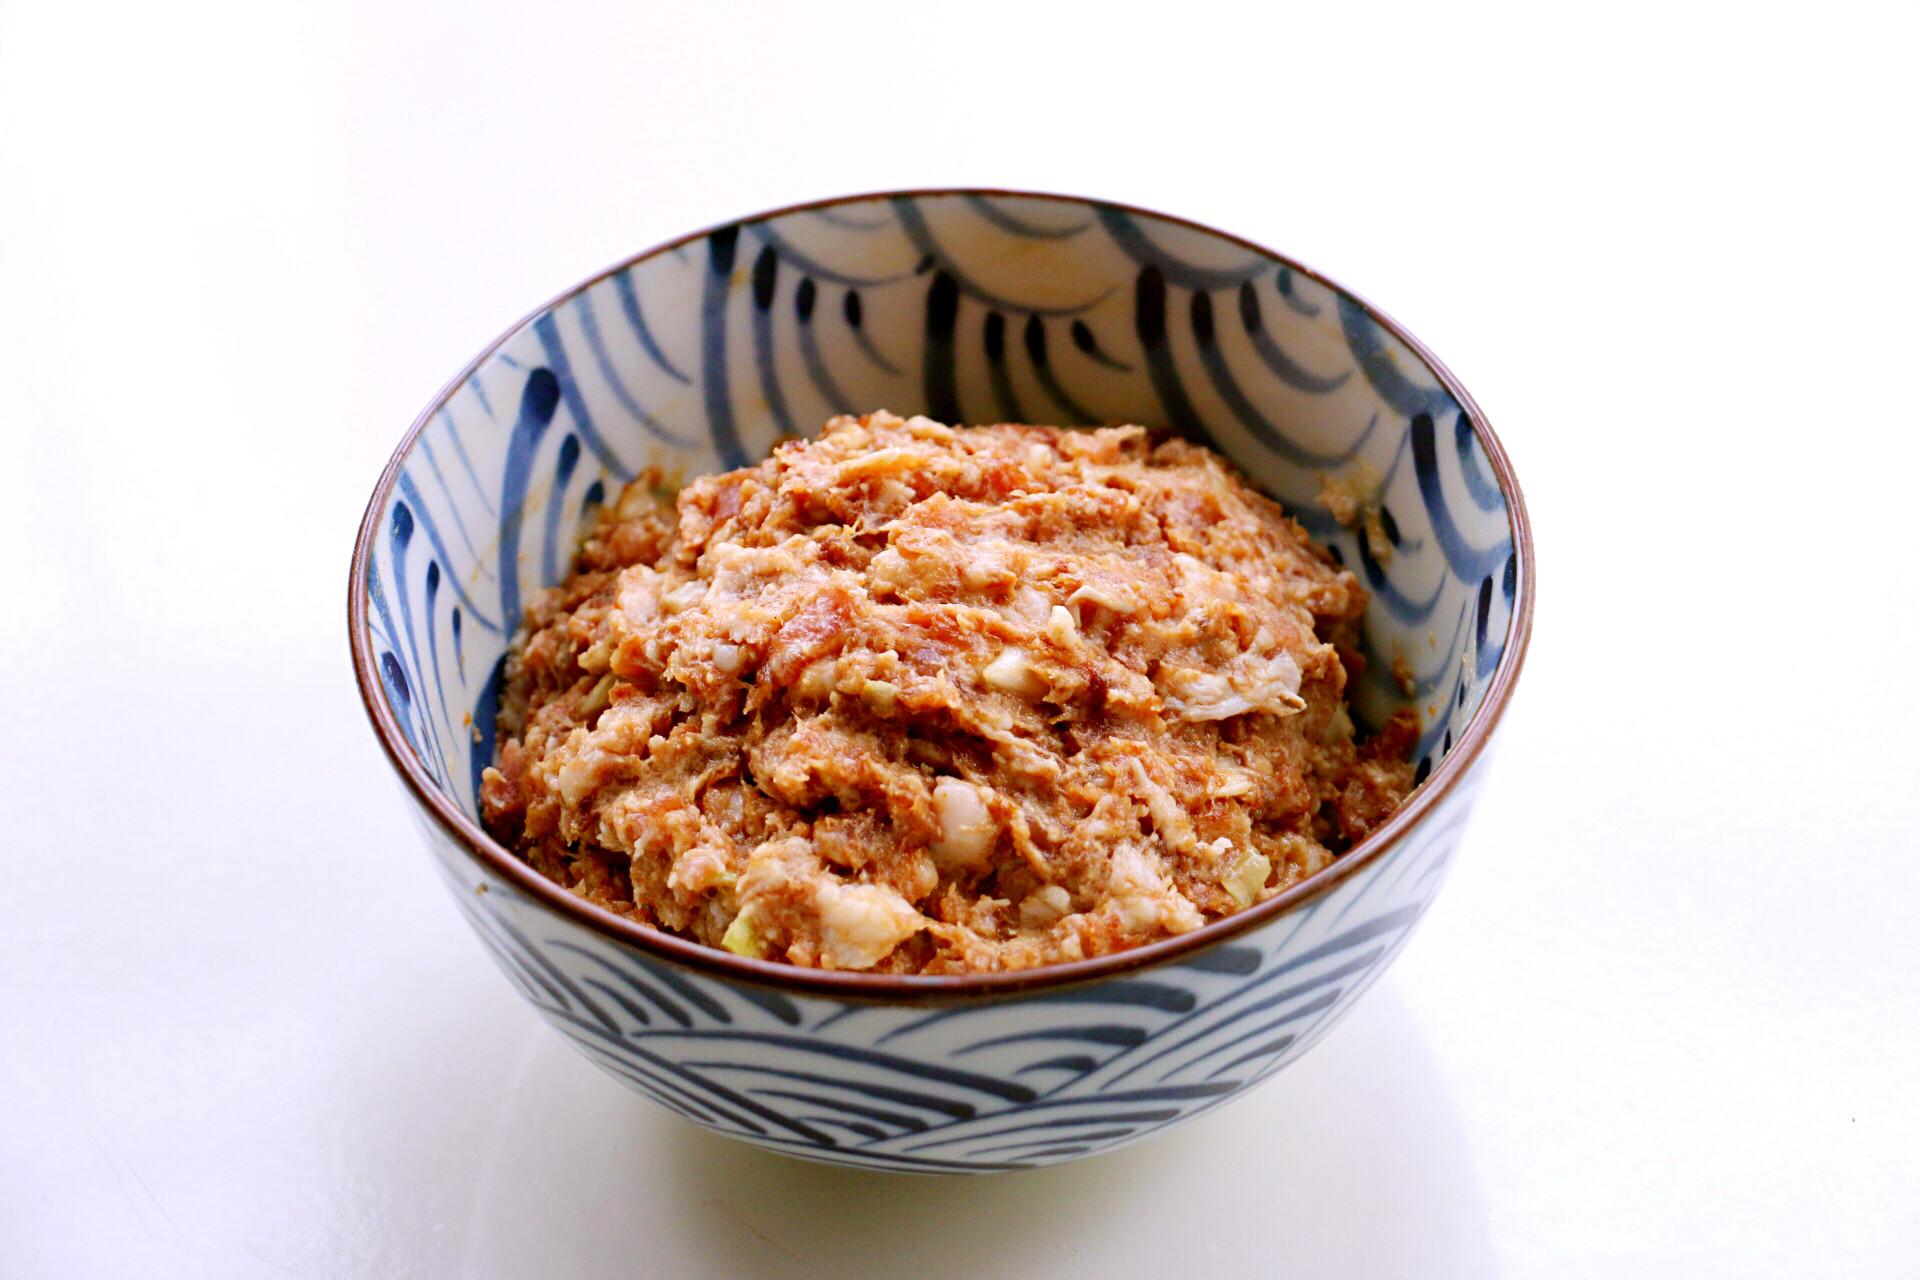 尖椒釀肉用蒸的方法來做,香而不膩,咸鮮微辣,真香